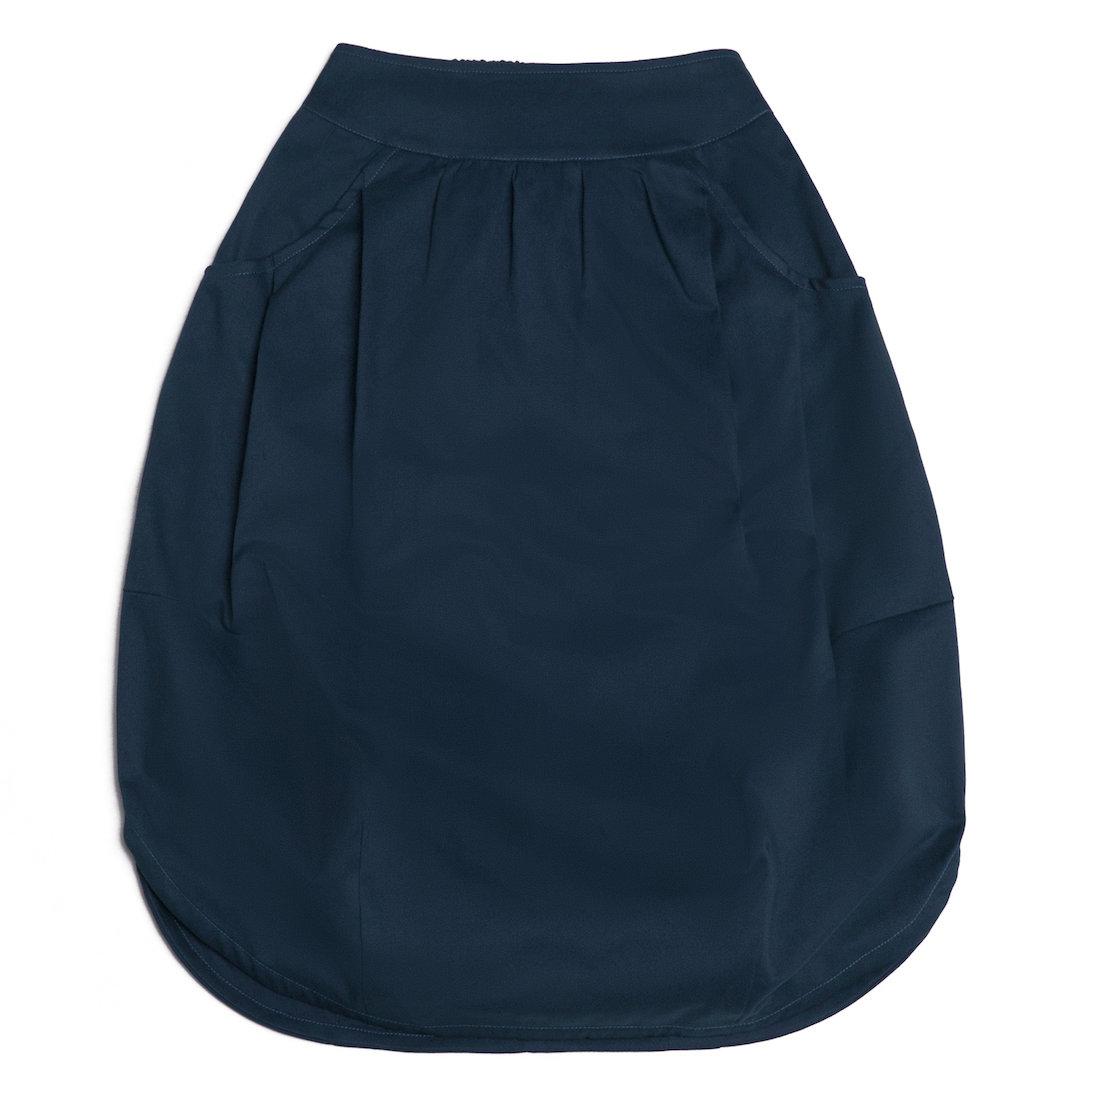 Взрослая юбка синяя (2018)